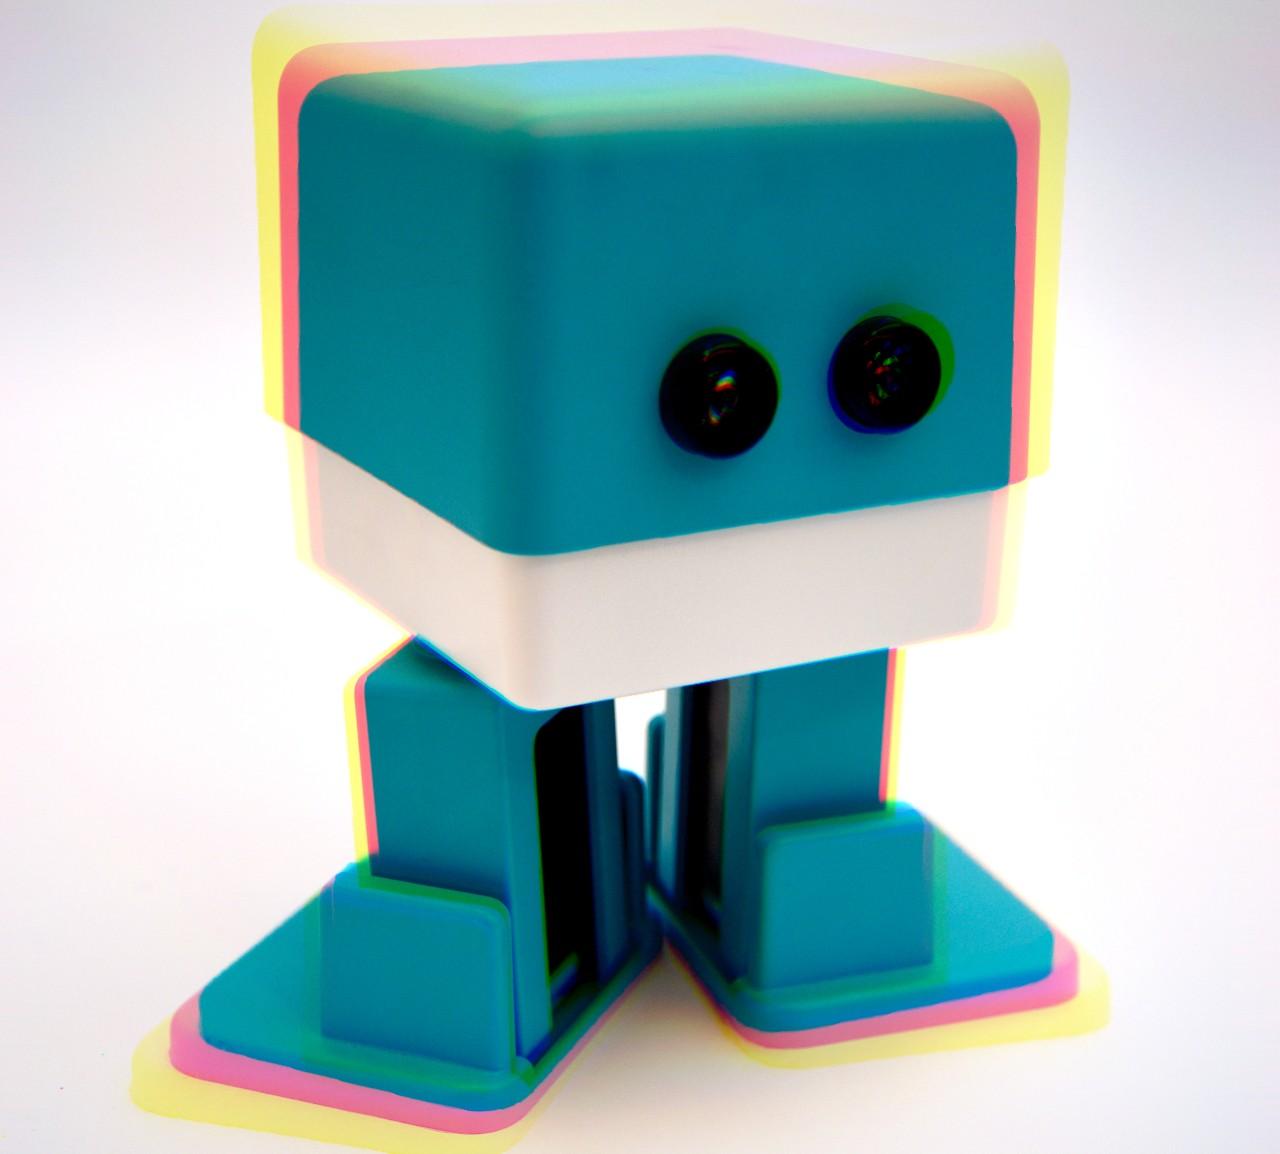 🤖 Los chatbots serán esenciales en las relaciones con la ciudadanía y los clientes